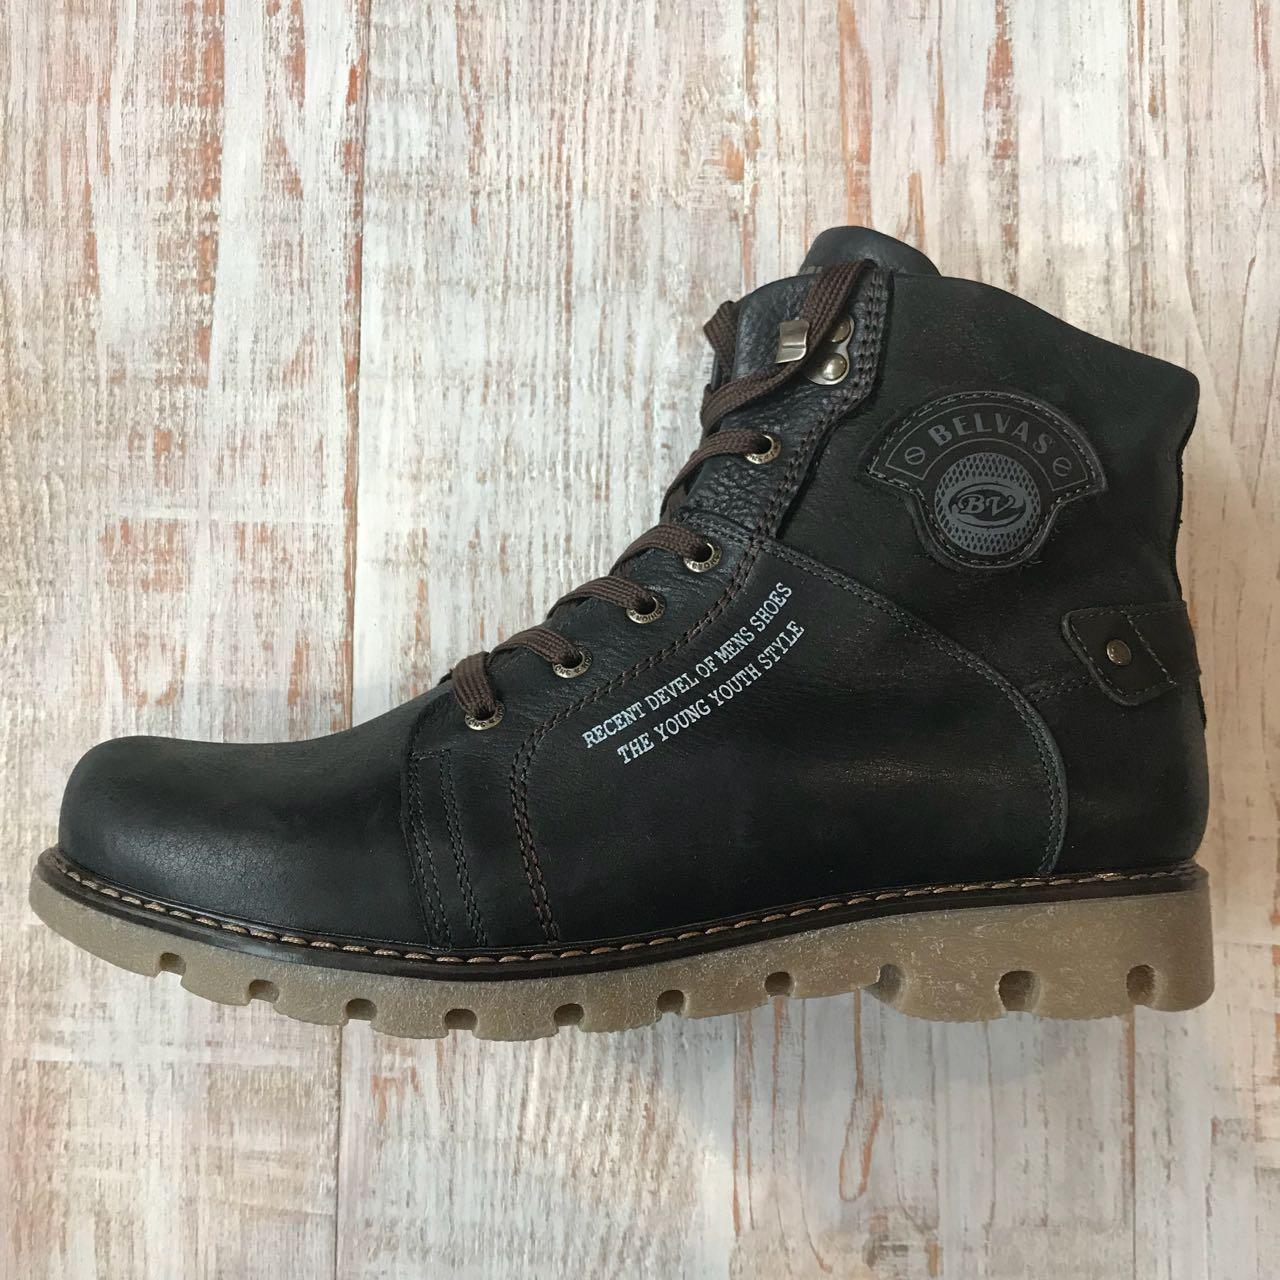 Кожаные ботинки зимние 45 размер  продажа 5064167776c38